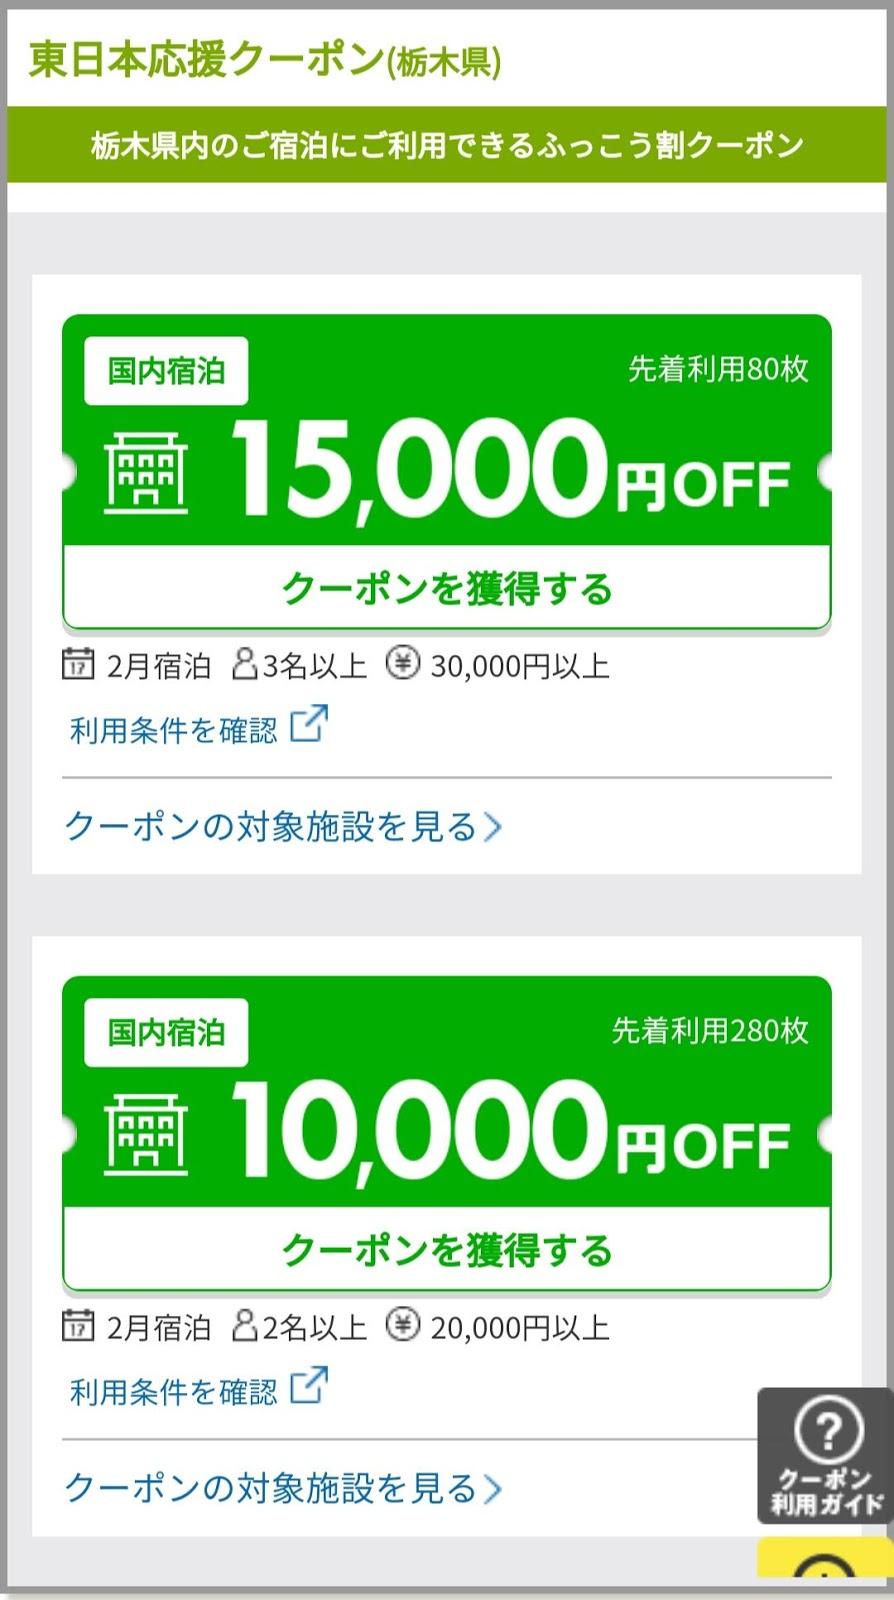 栃木 ふっこう 割 栃木県ふっこう割事業支援金でお得に旅を楽しみましょう